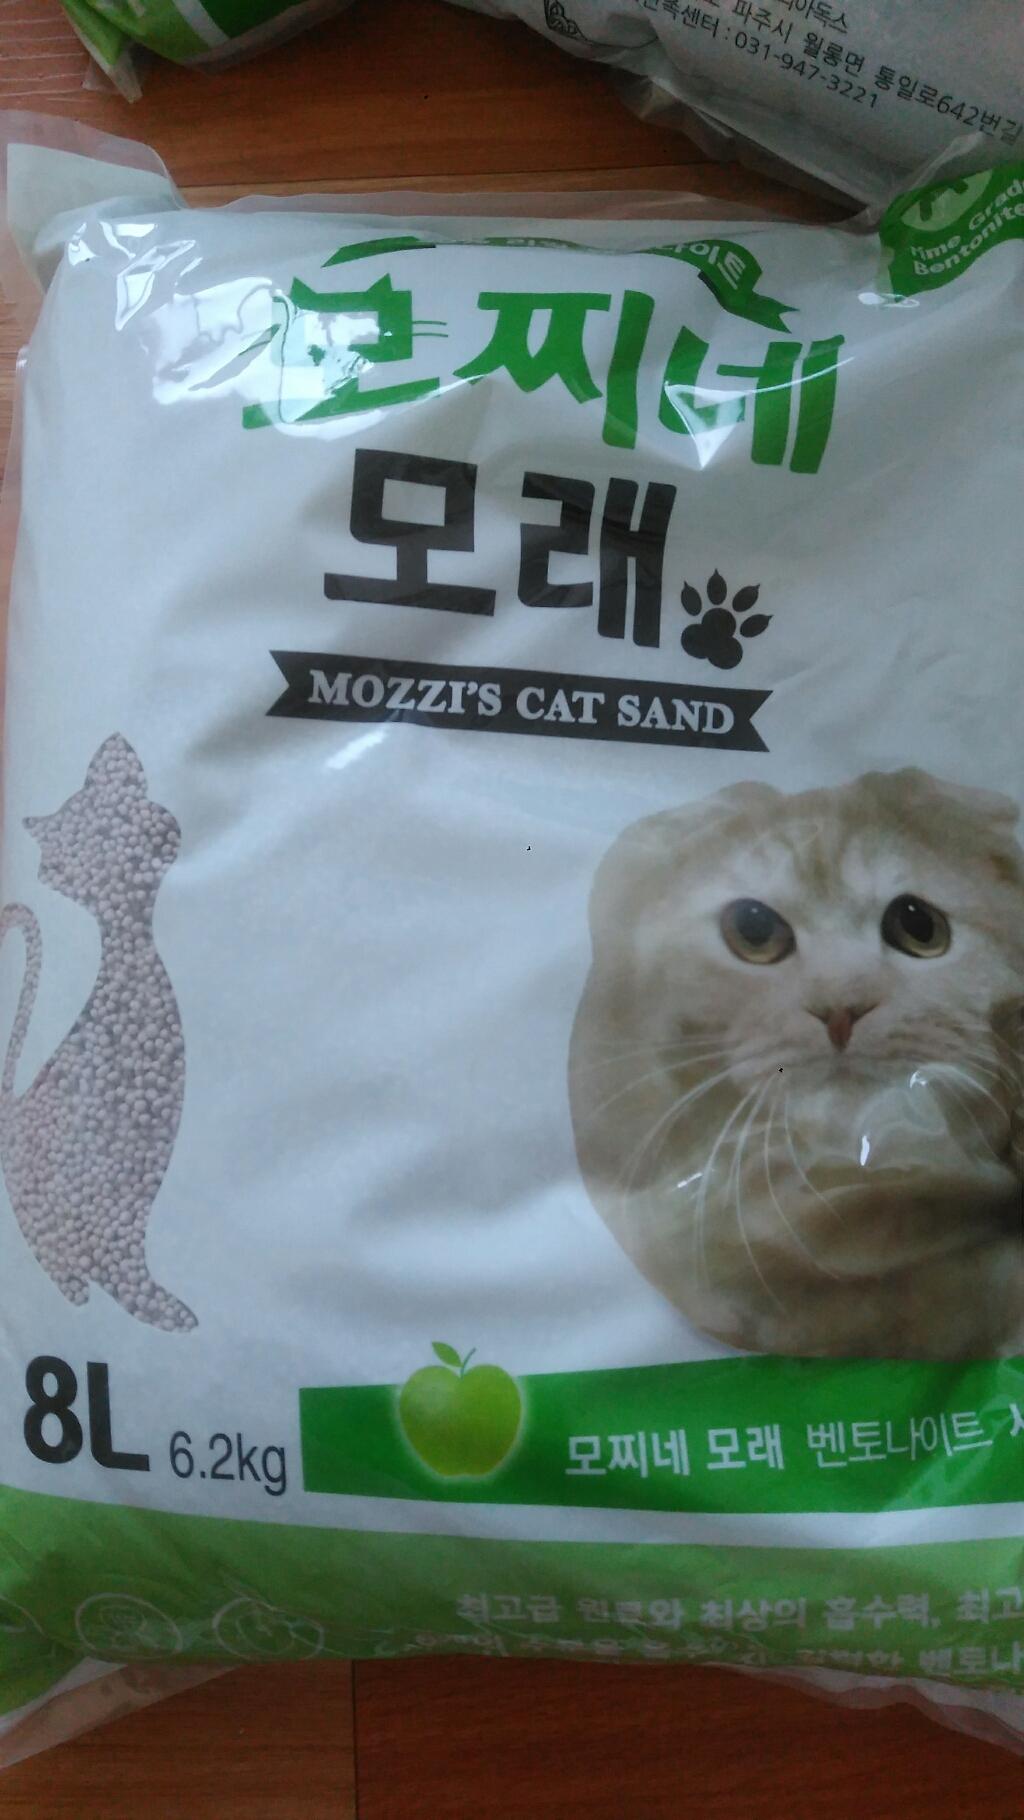 모찌네 고양이 모래 사과향  리뷰 후기